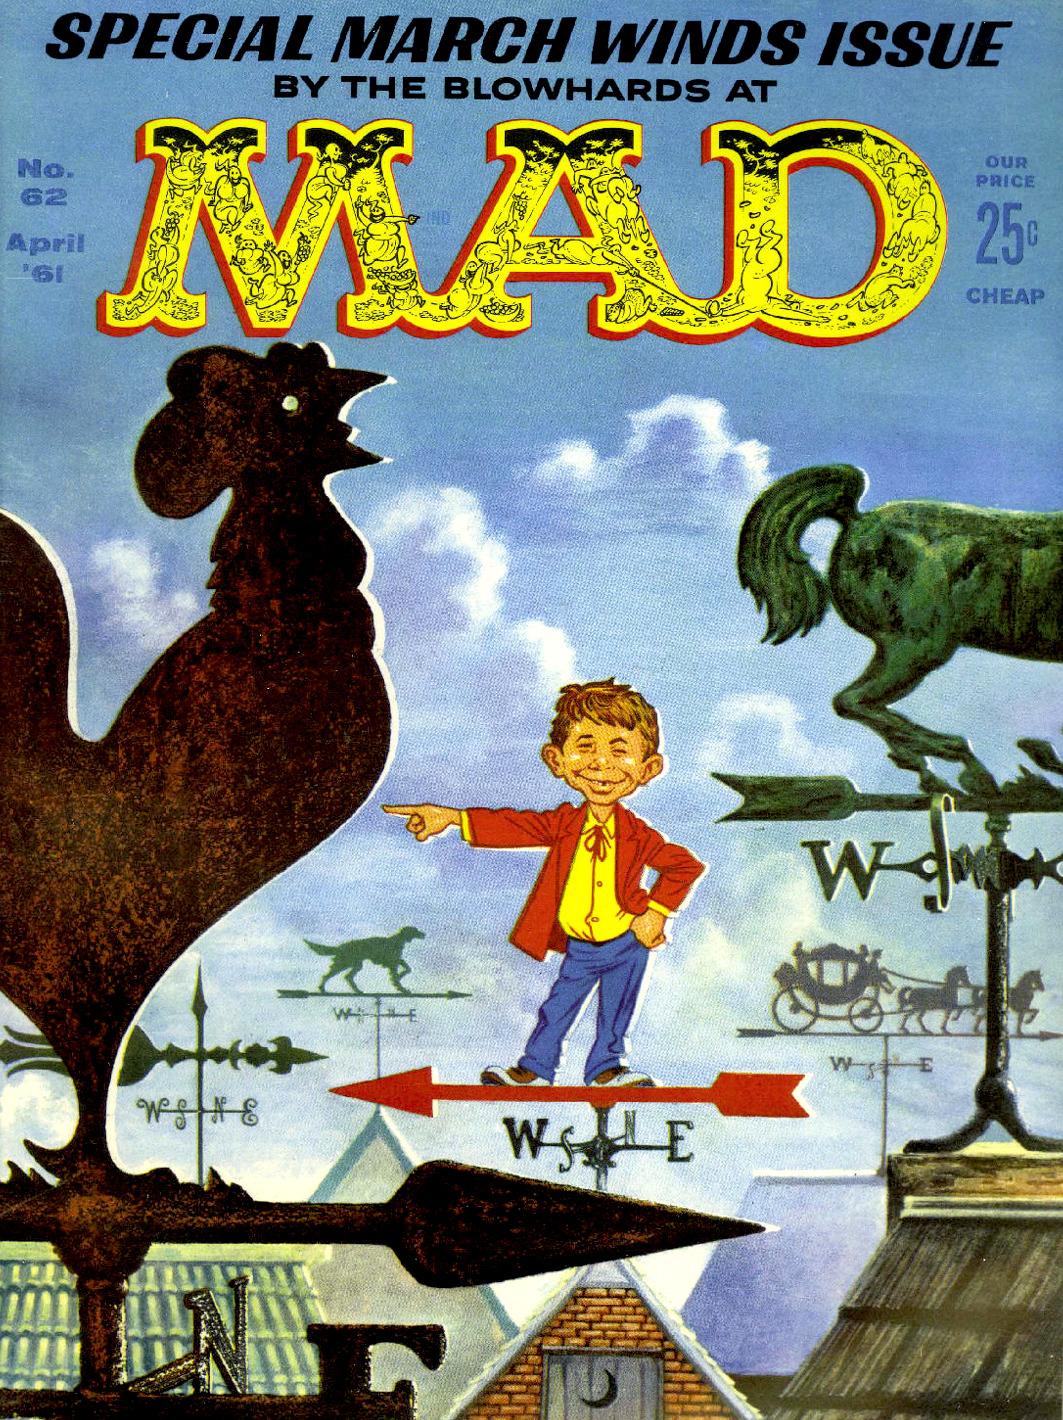 Mad62april1961